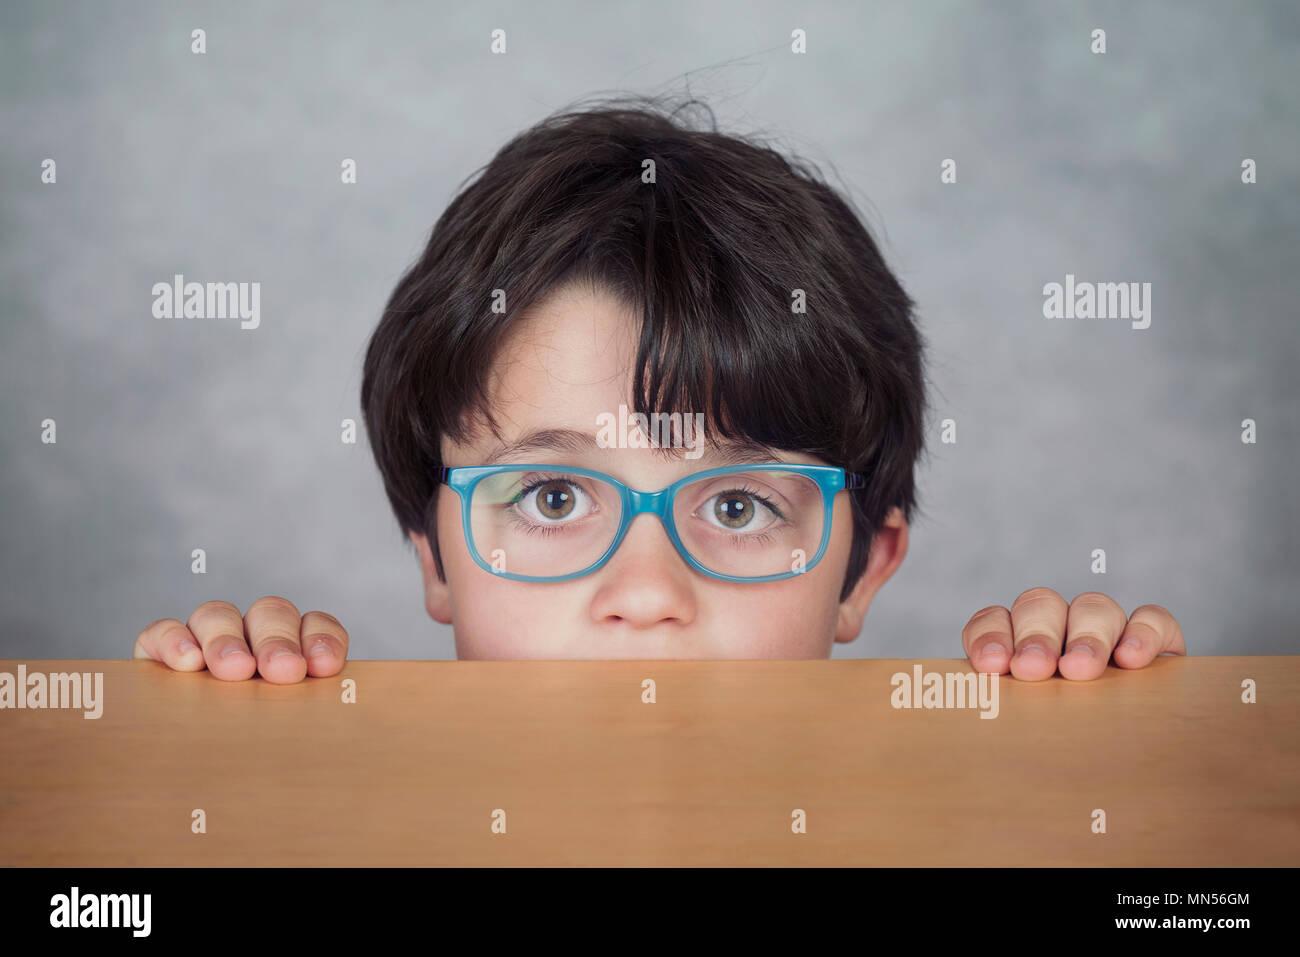 089034f57e Niño con gafas sobre una tabla de madera sobre fondo gris Imagen De Stock